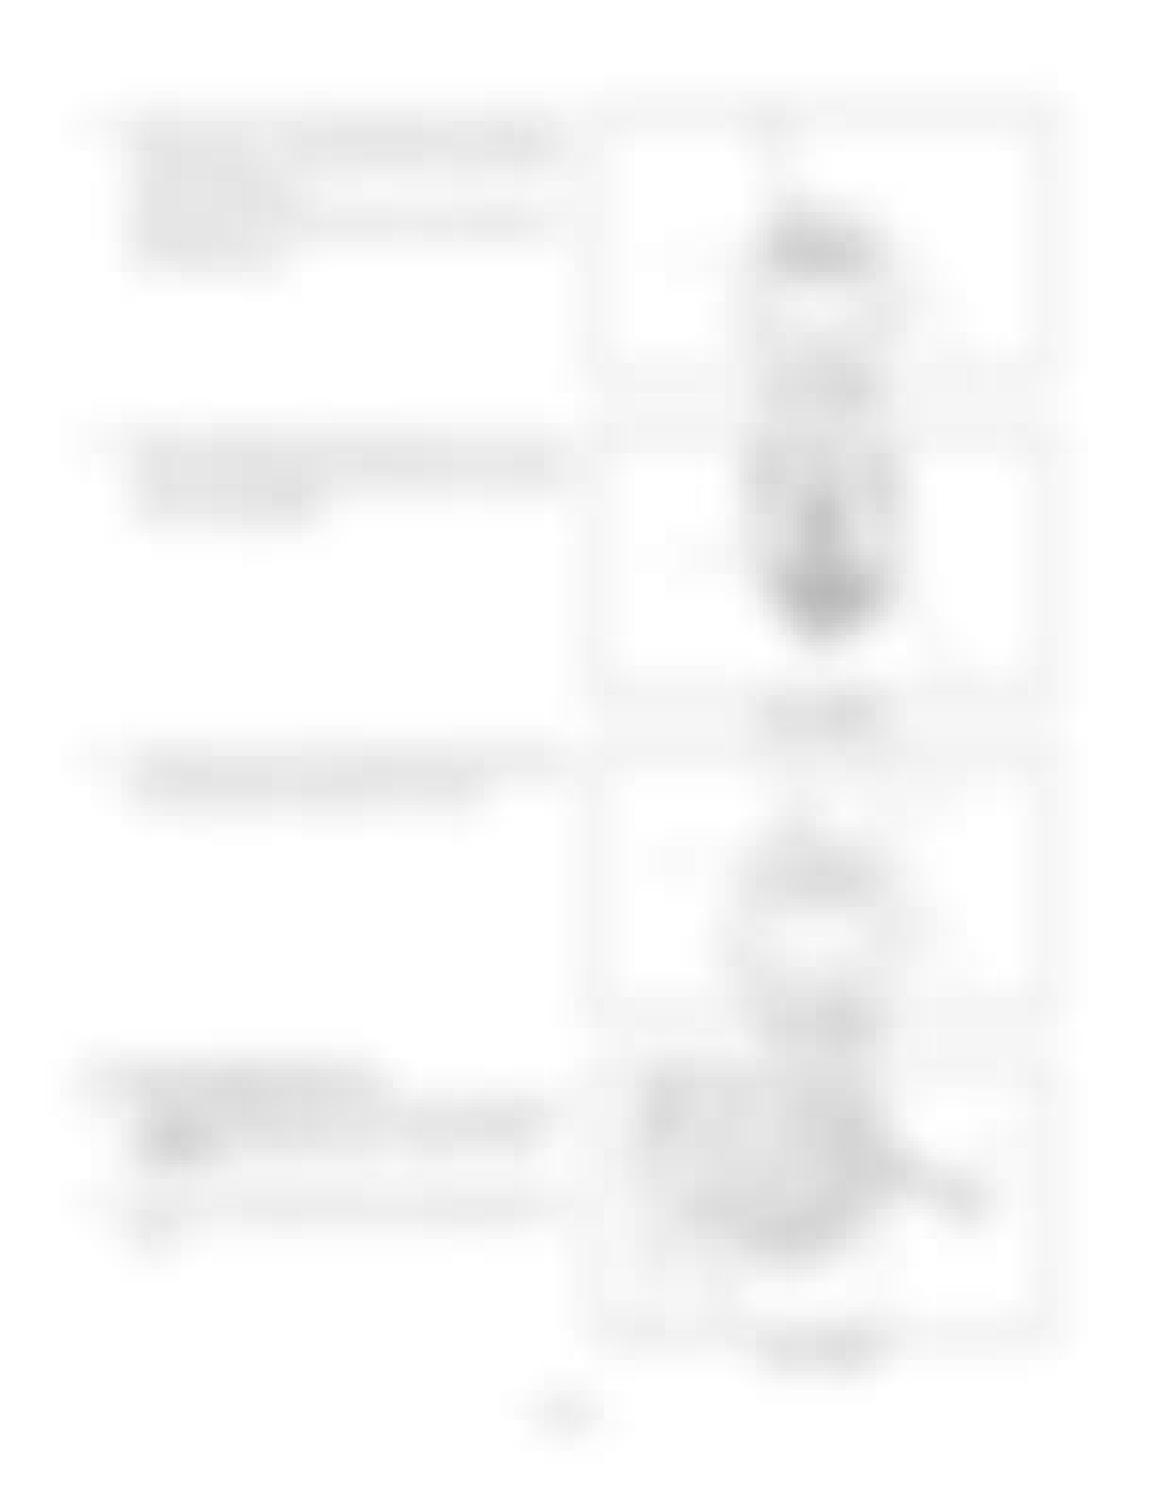 Hitachi LX110-7 LX130-7 LX160-7 LX190-7 LX230-7 Wheel Loader Workshop Manual - PDF DOWNLOAD page 194